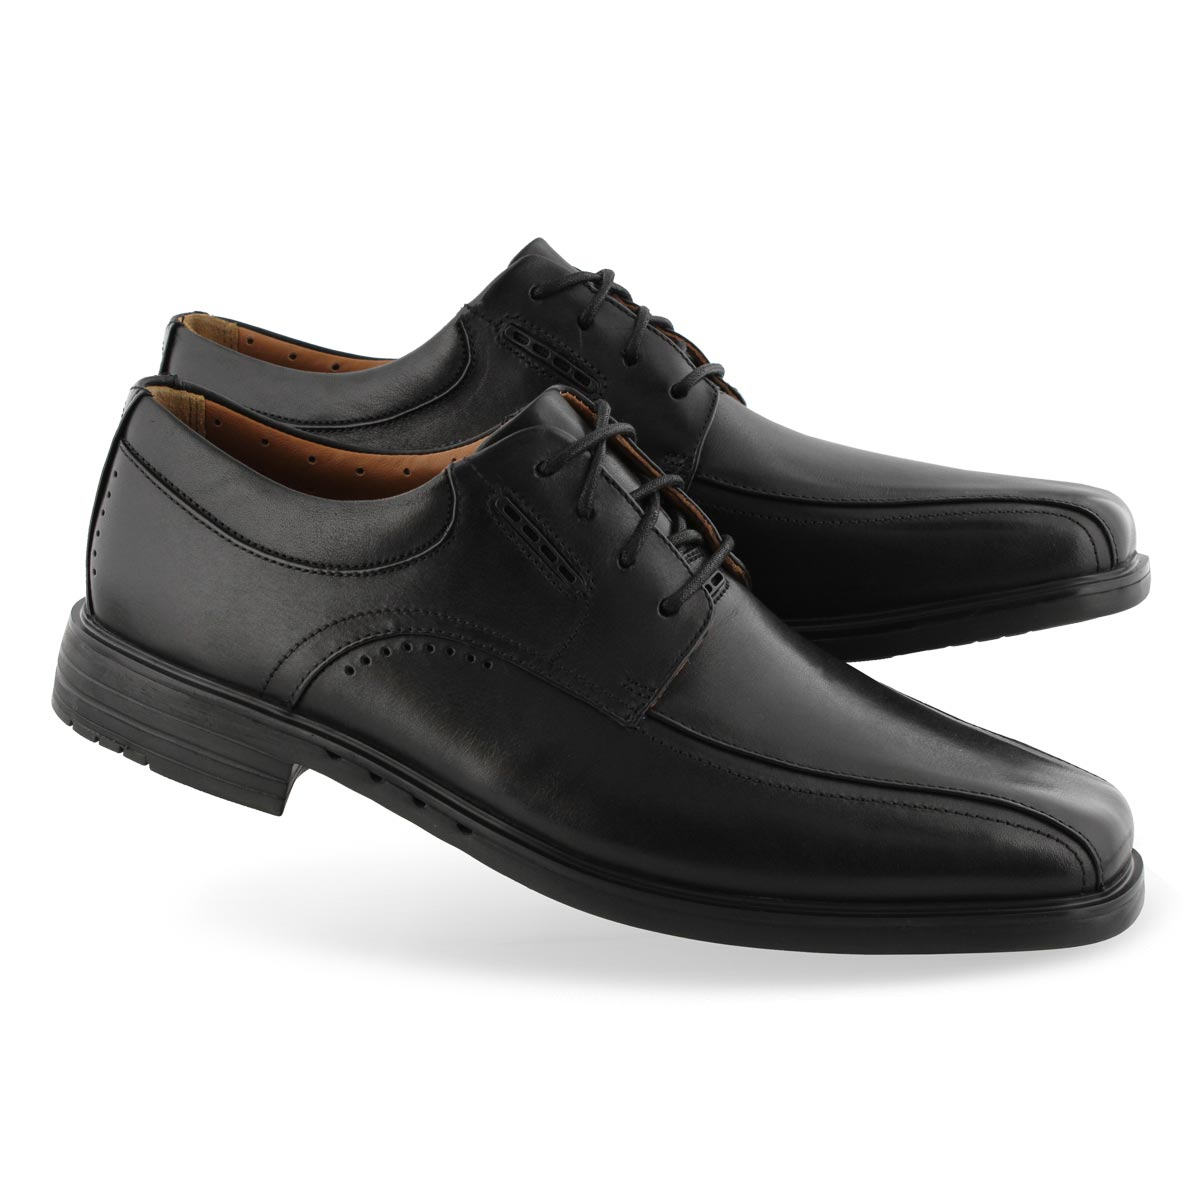 Men's UNKENNETH WAY black dress shoe - WIDE